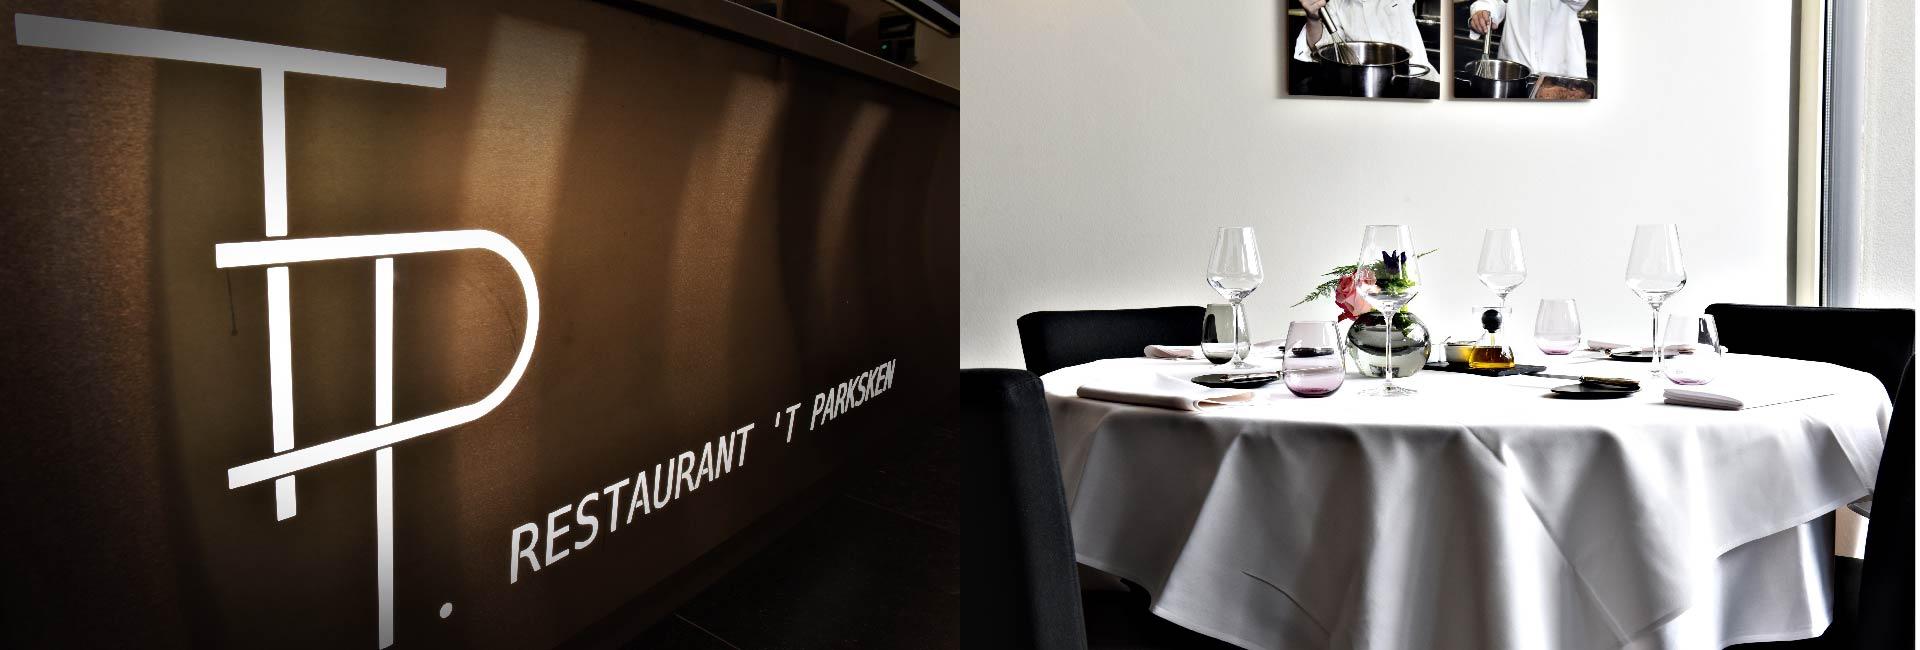 fotos-home-contact_restaurant_tparksken